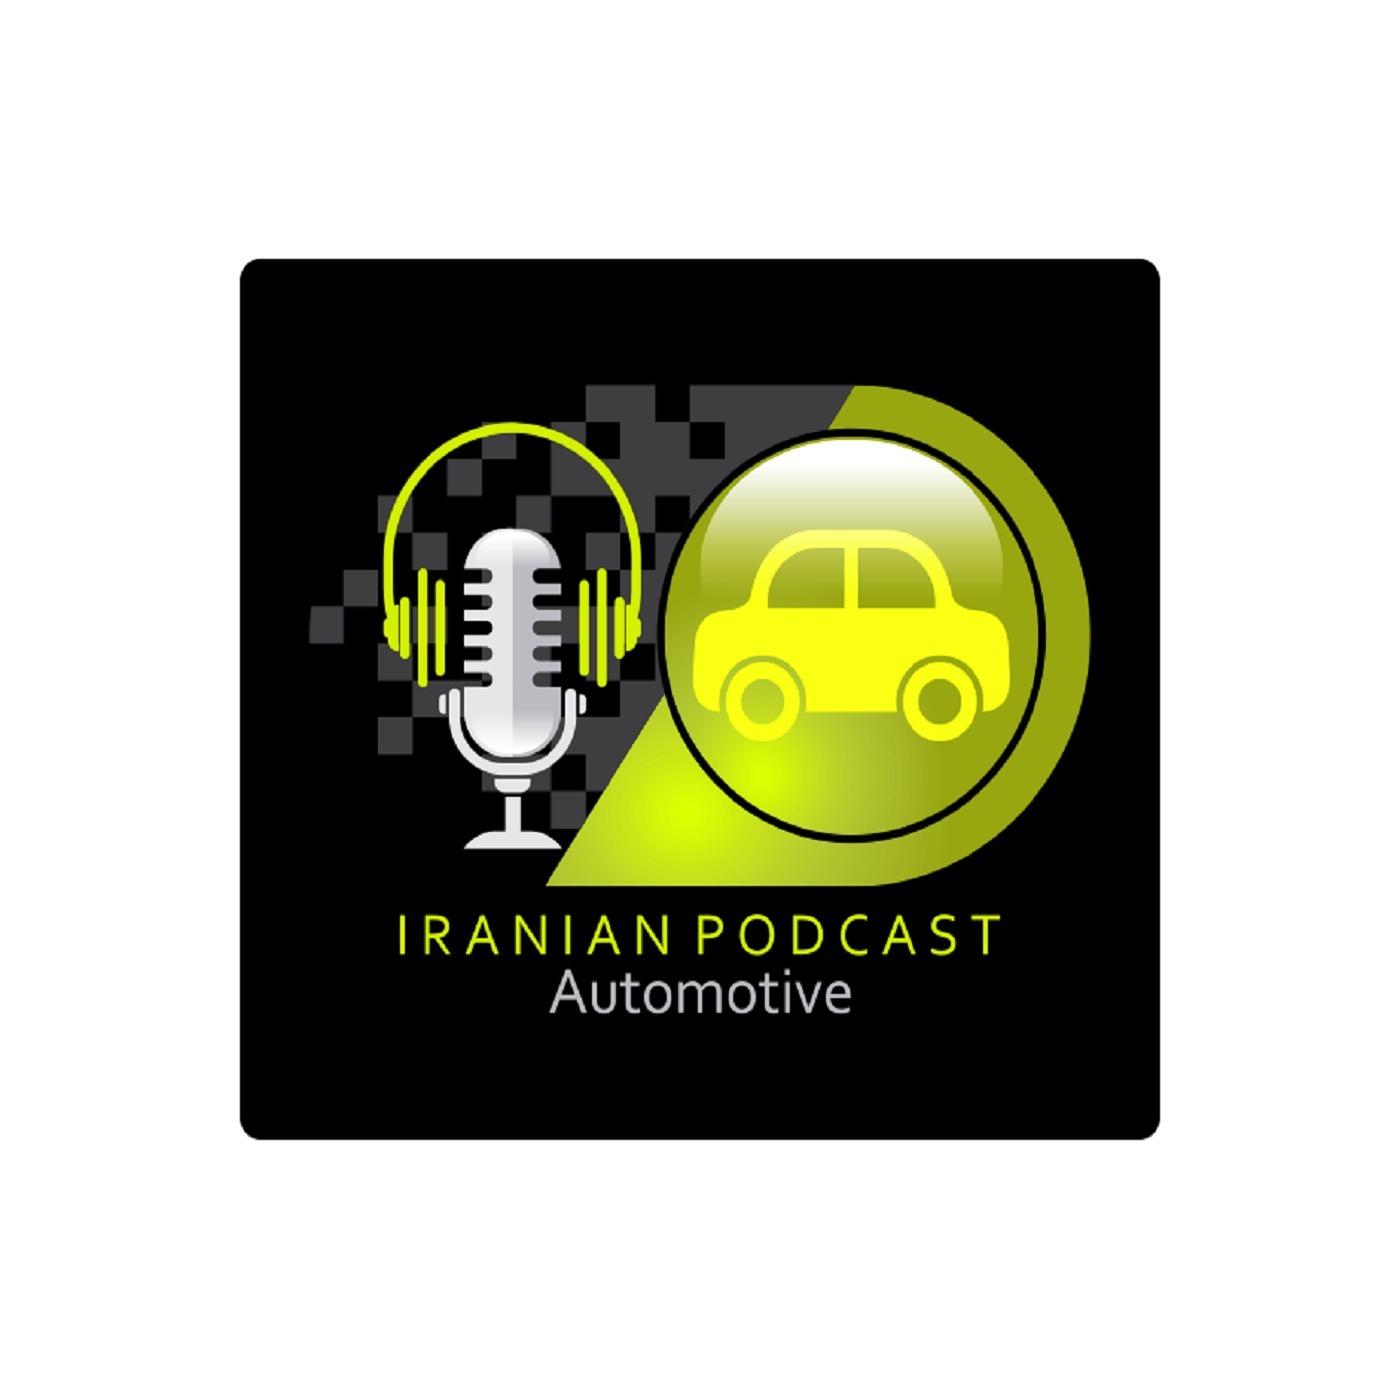 پیکان- ایپزود چهارم، خصوصی سازی ایران خودرو